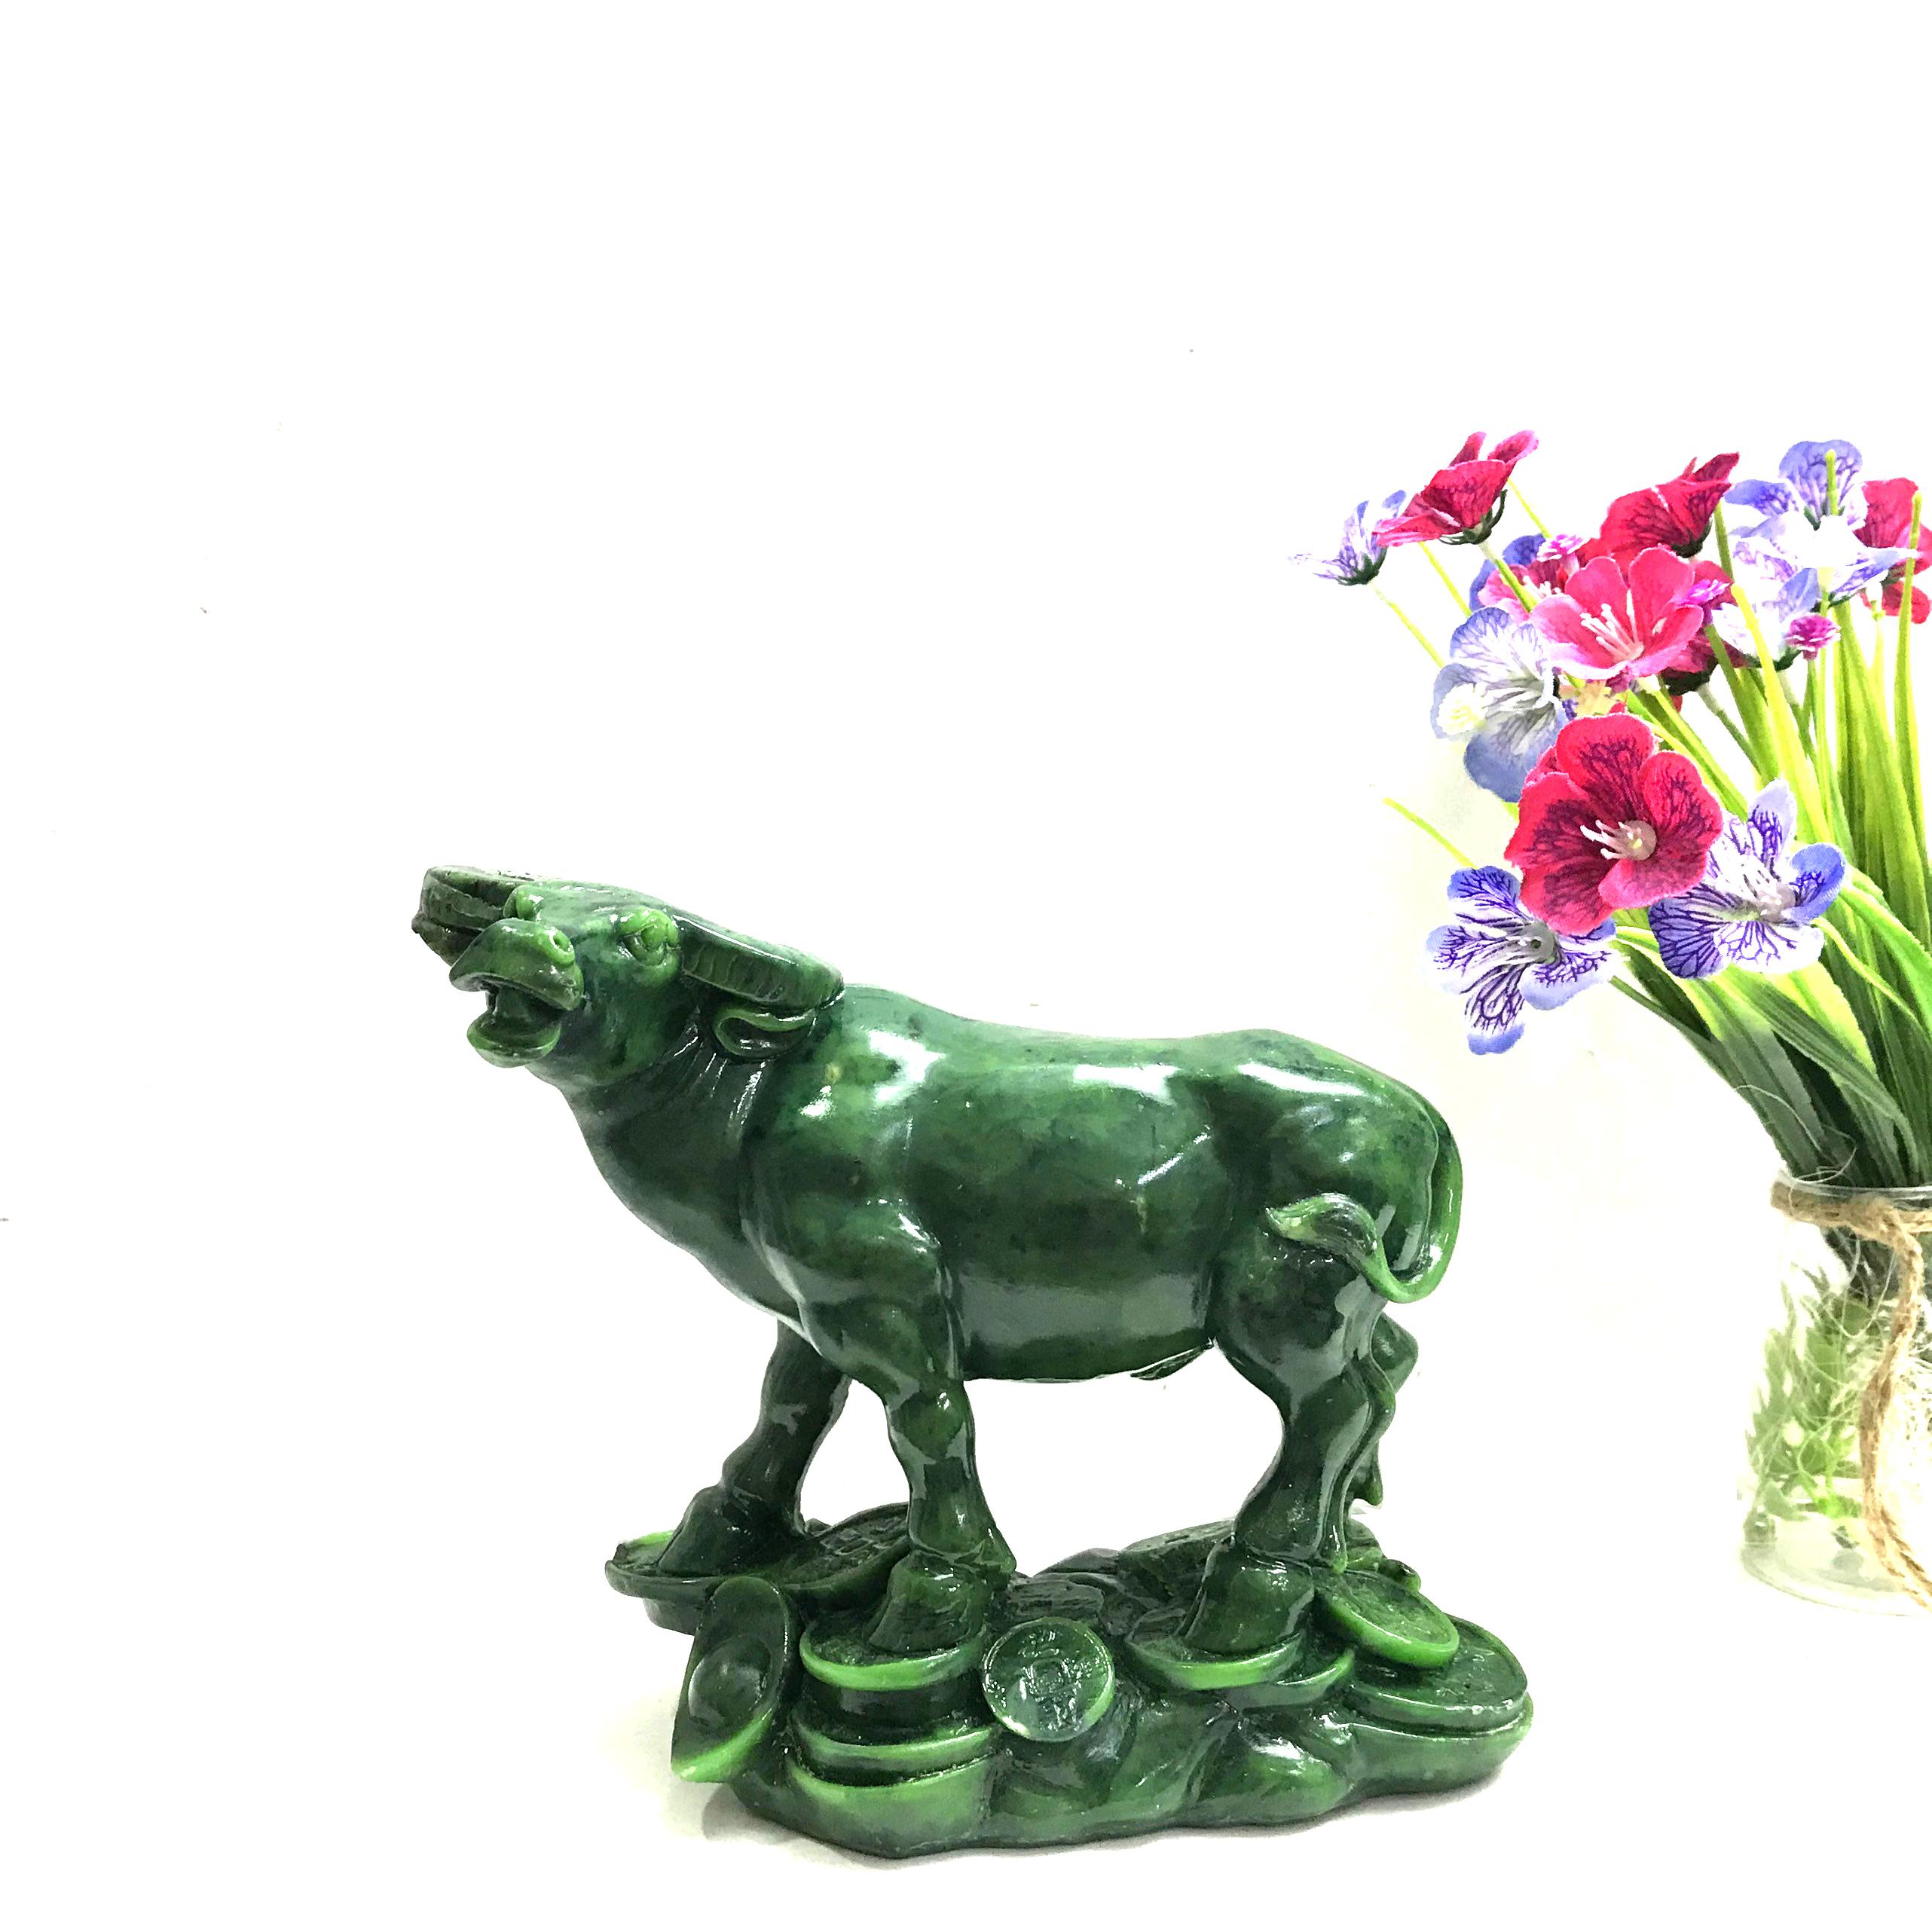 Tượng Đá Trang Trí Trâu Phong Thủy - Cao 16cm - Màu Xanh Ngọc Bích - Đá Composite